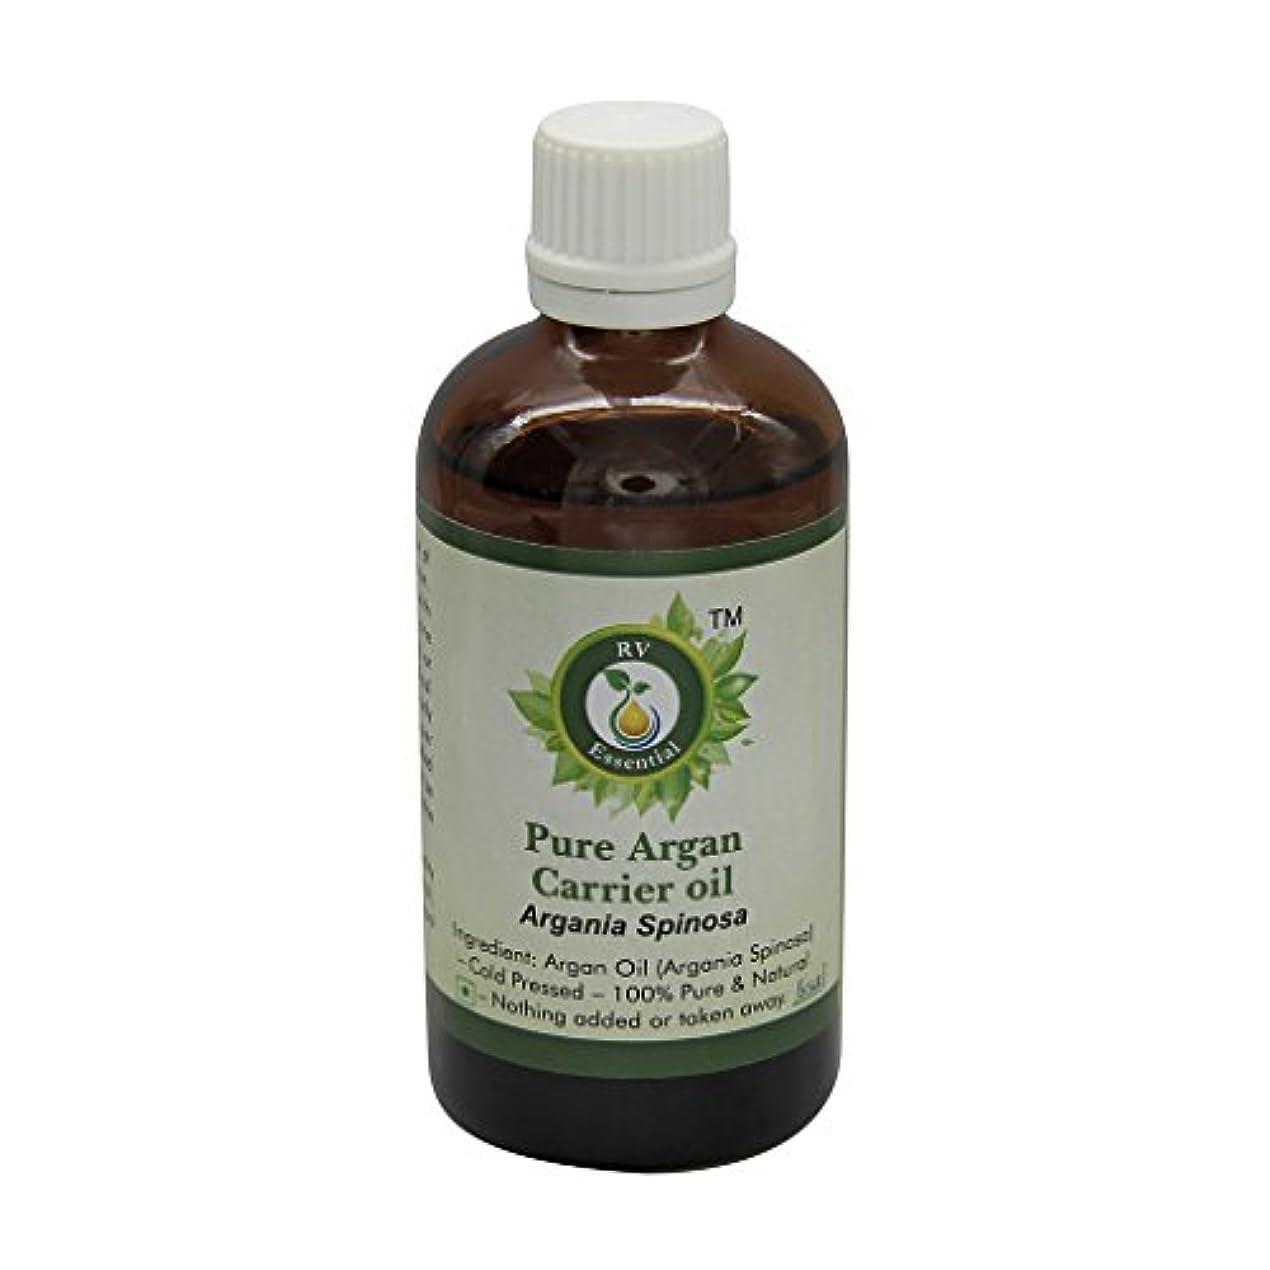 白菜ネブ塩辛いR V Essential ピュアアルガンキャリアオイル100ml (3.38oz)- Argania Spinosa (100%ピュア&ナチュラルコールドPressed) Pure Argan Carrier Oil